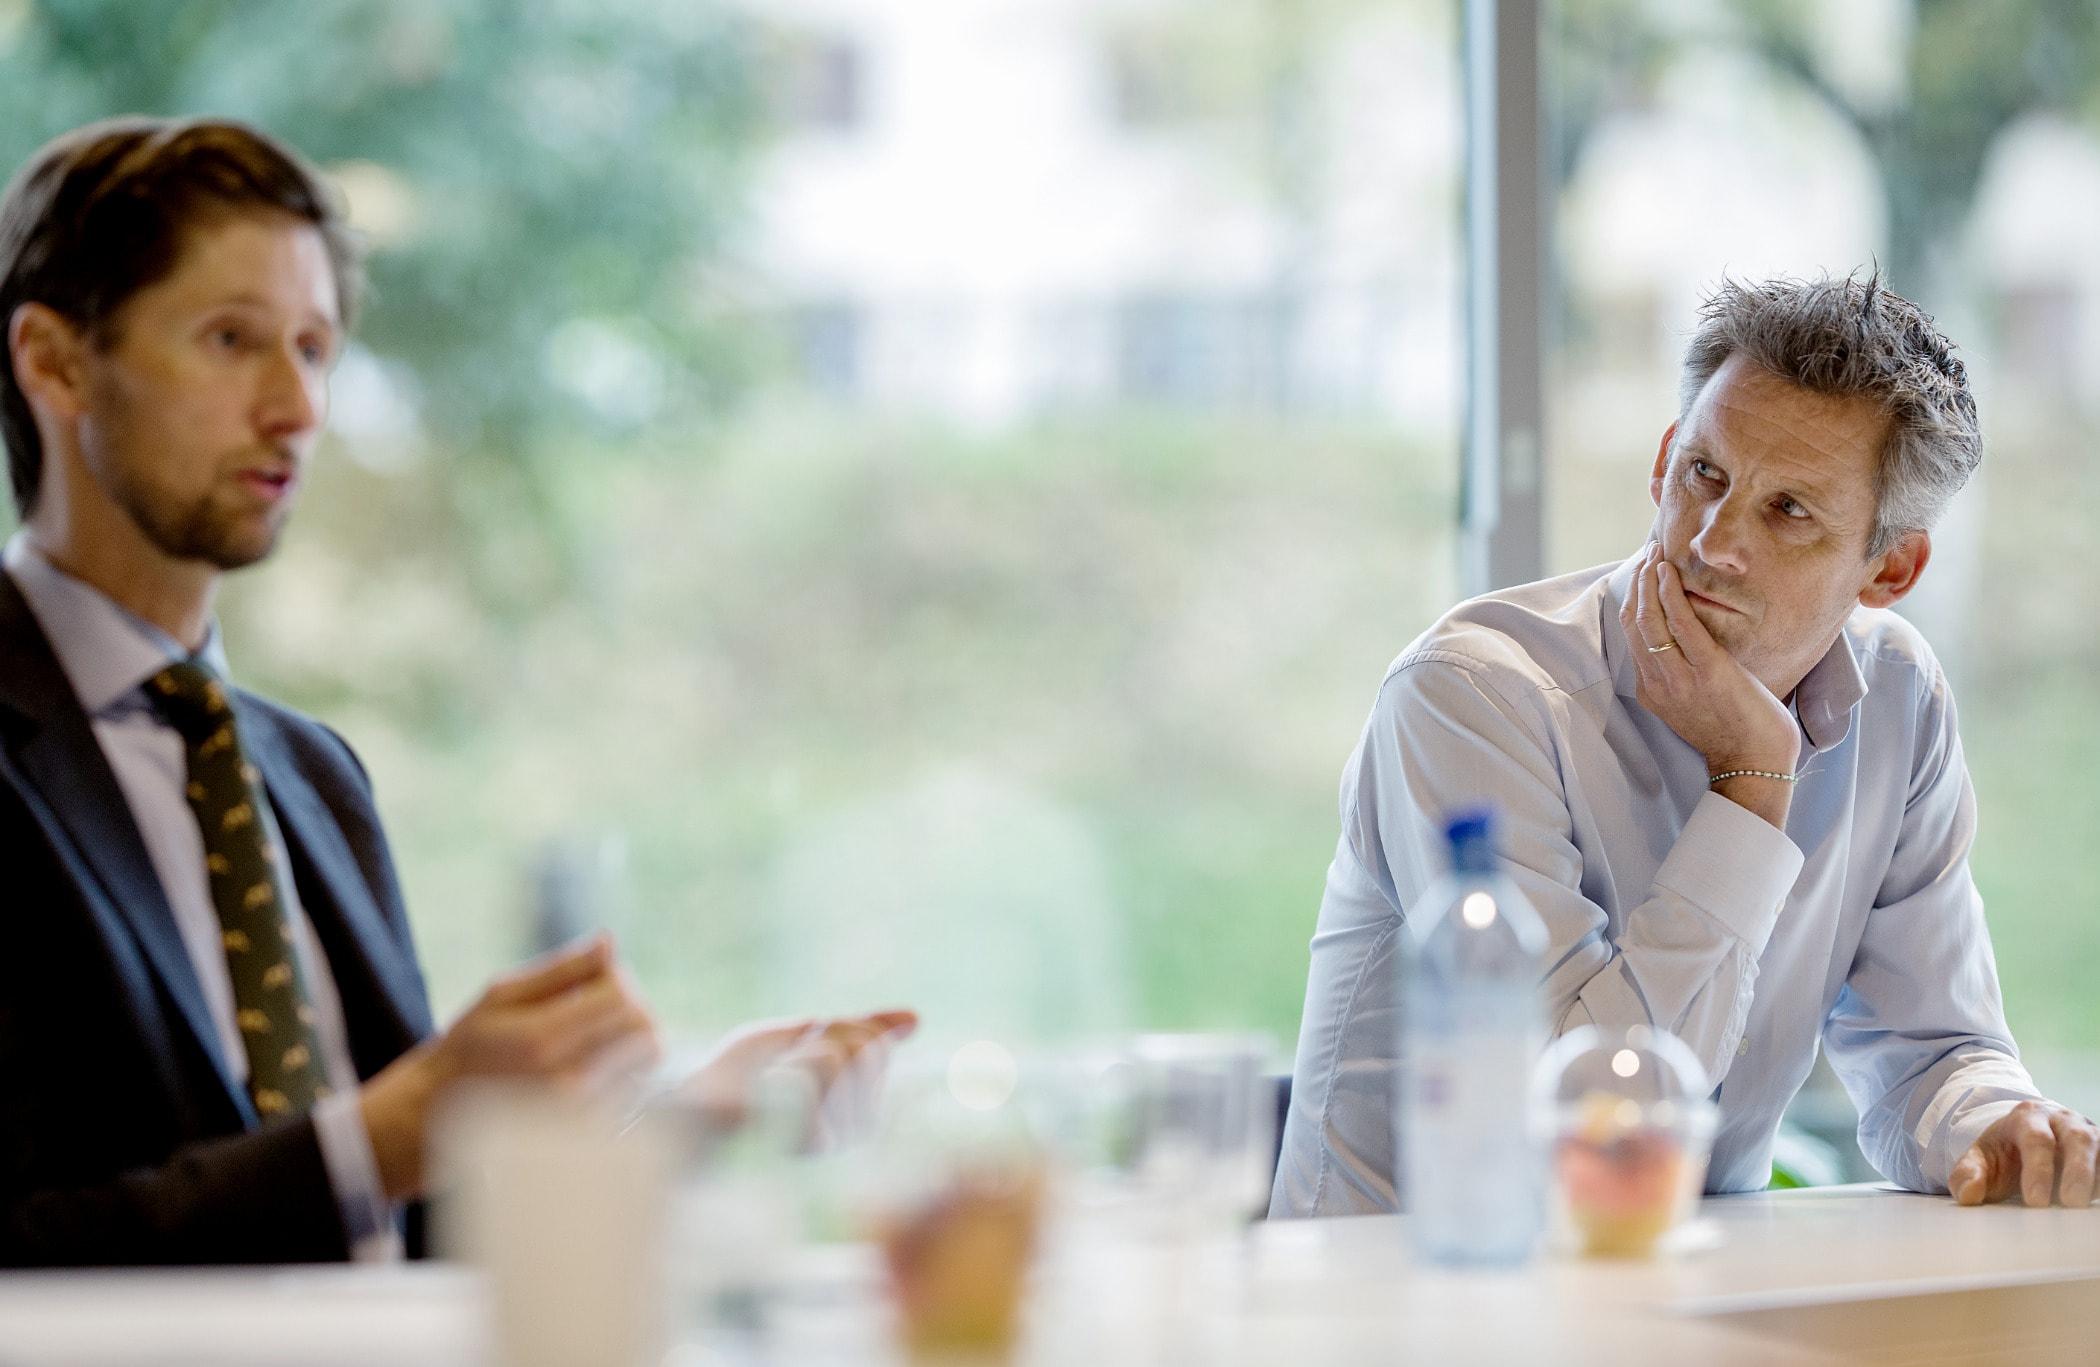 White-collar worker, Conversation